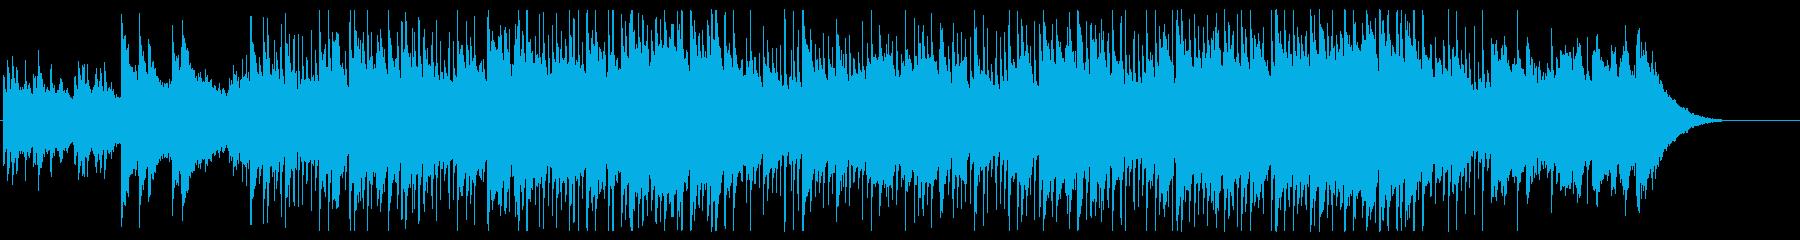 暖かでしっとりとした明るいバラードの再生済みの波形